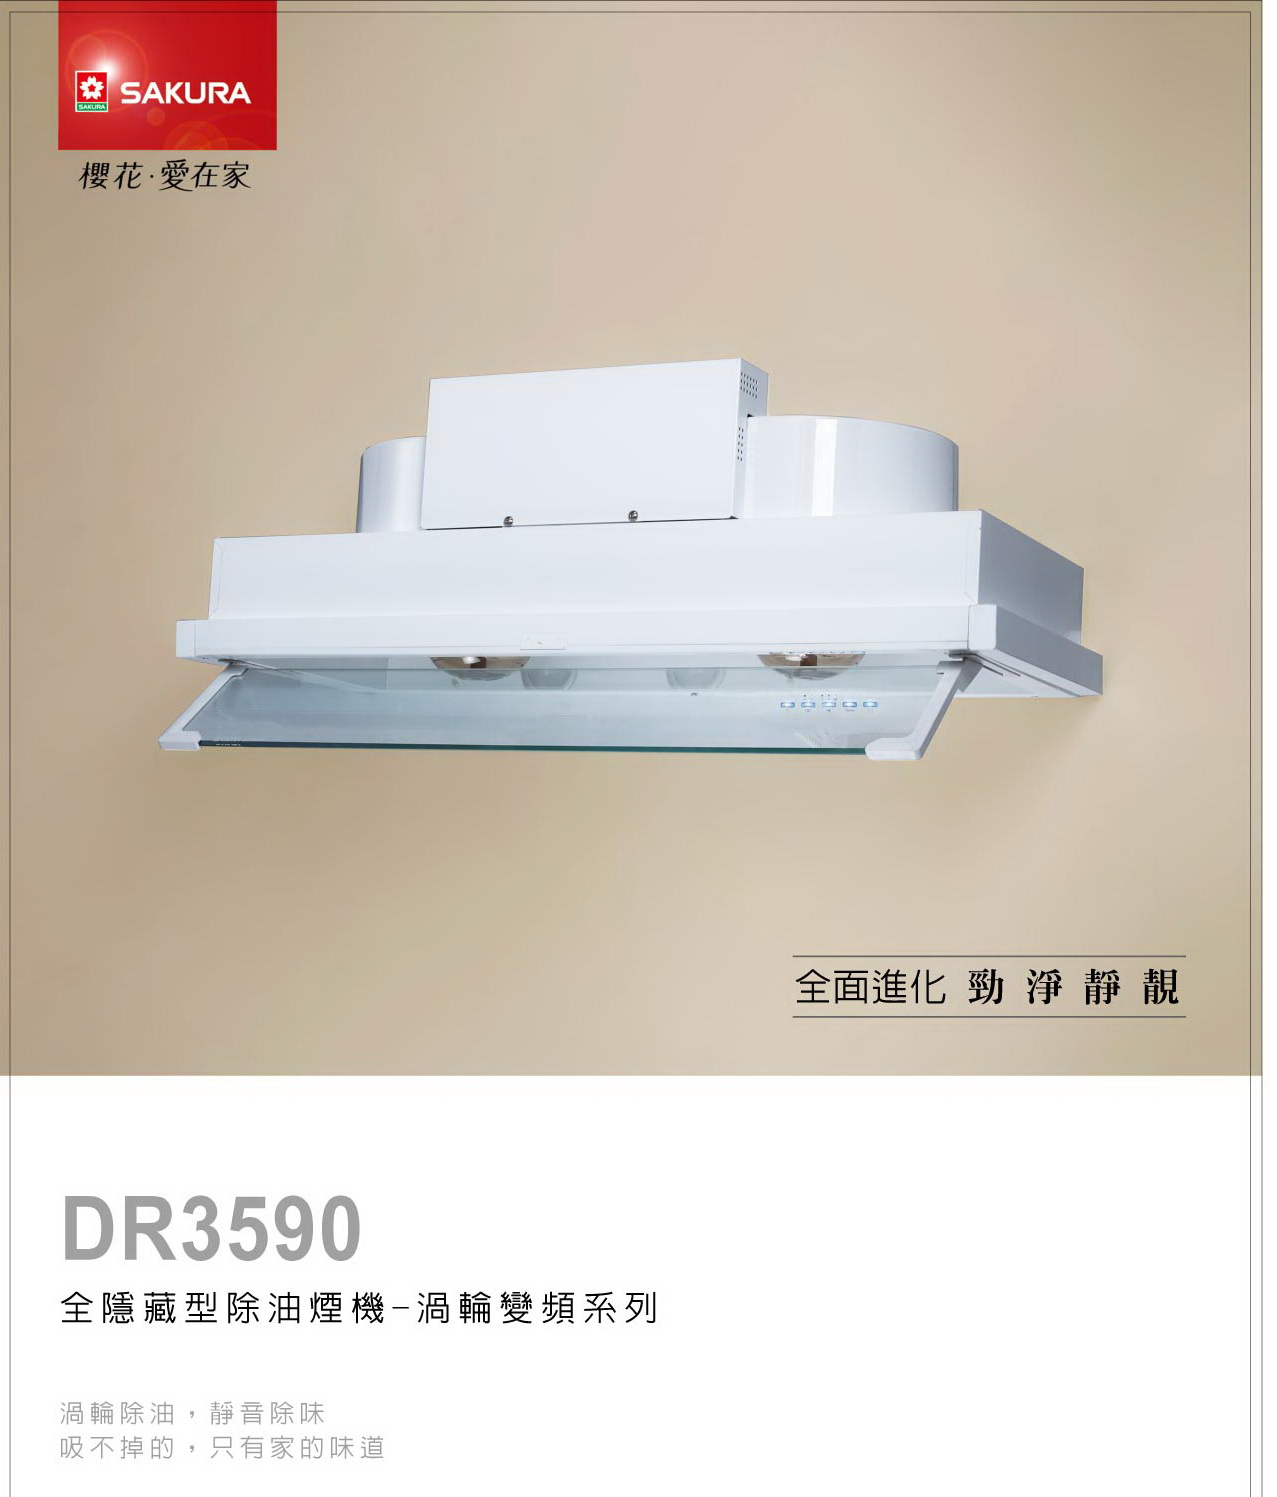 櫻花排油煙機DR3590.jpg